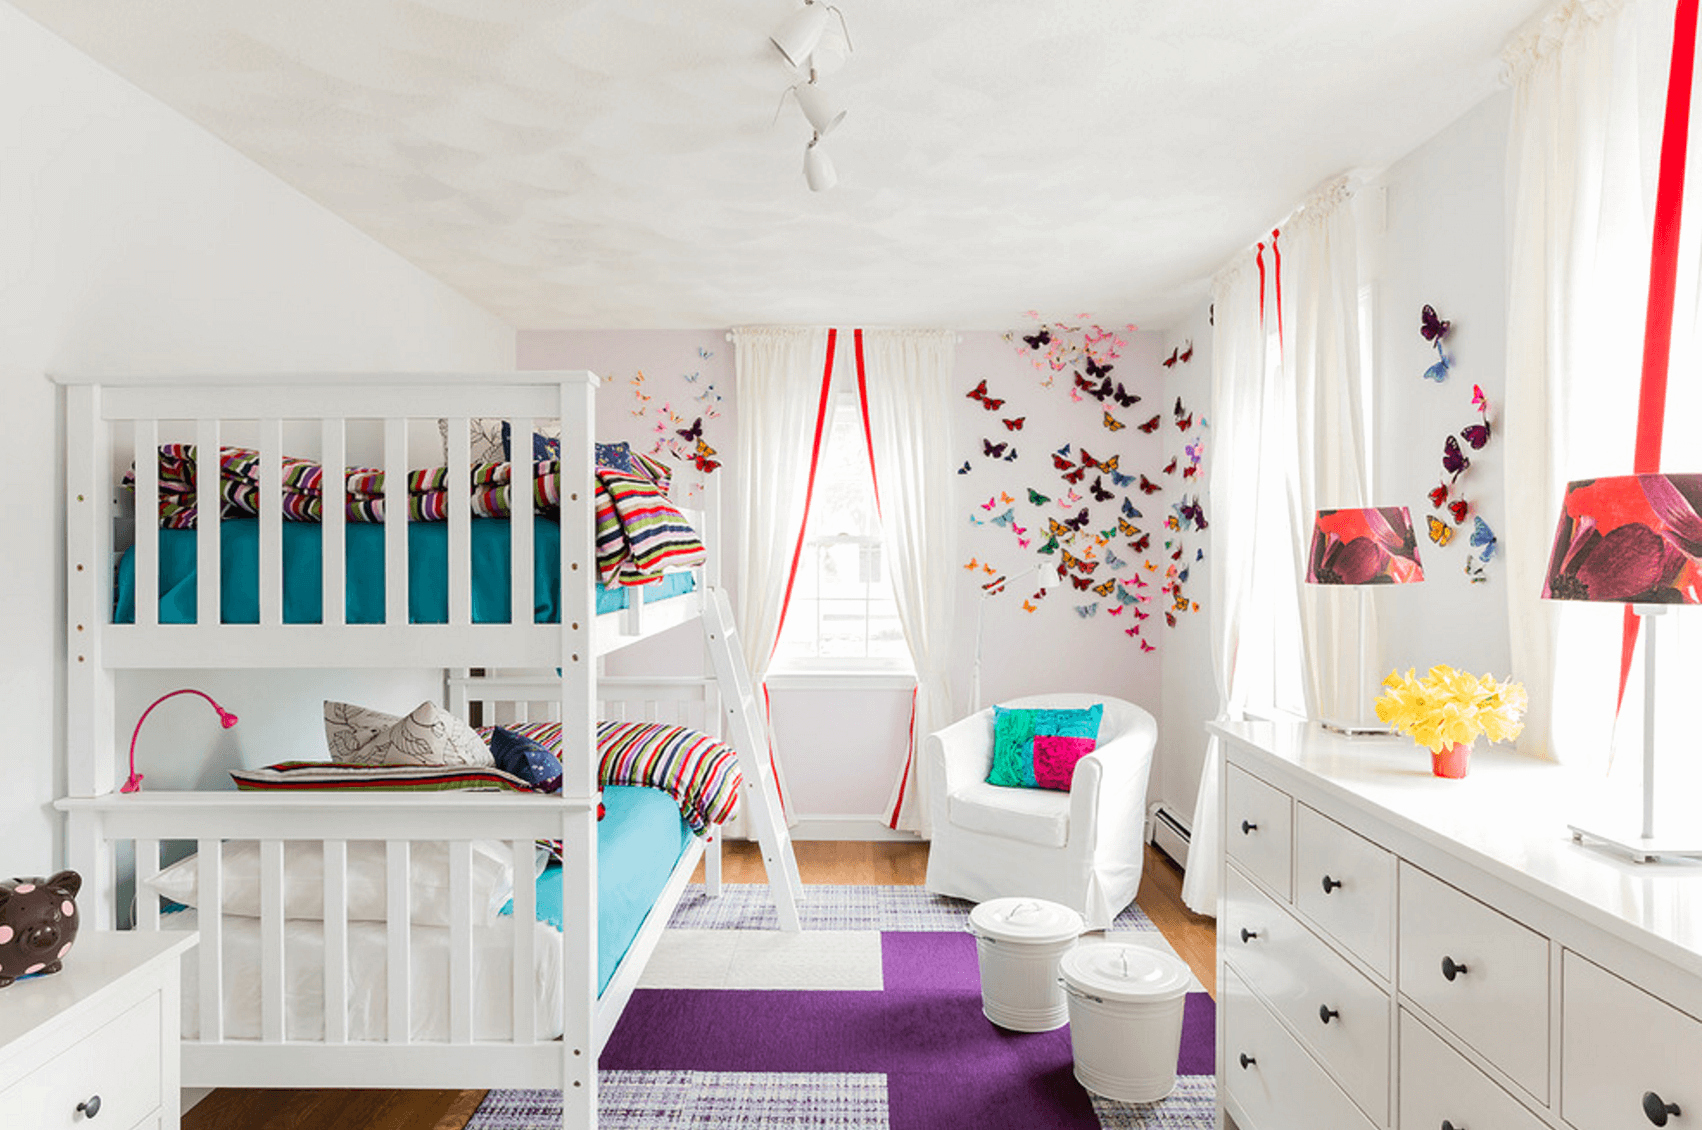 Оформляем комнату подростка в стиле лофт: советы, которые помогут совместить эстетику и функциональность